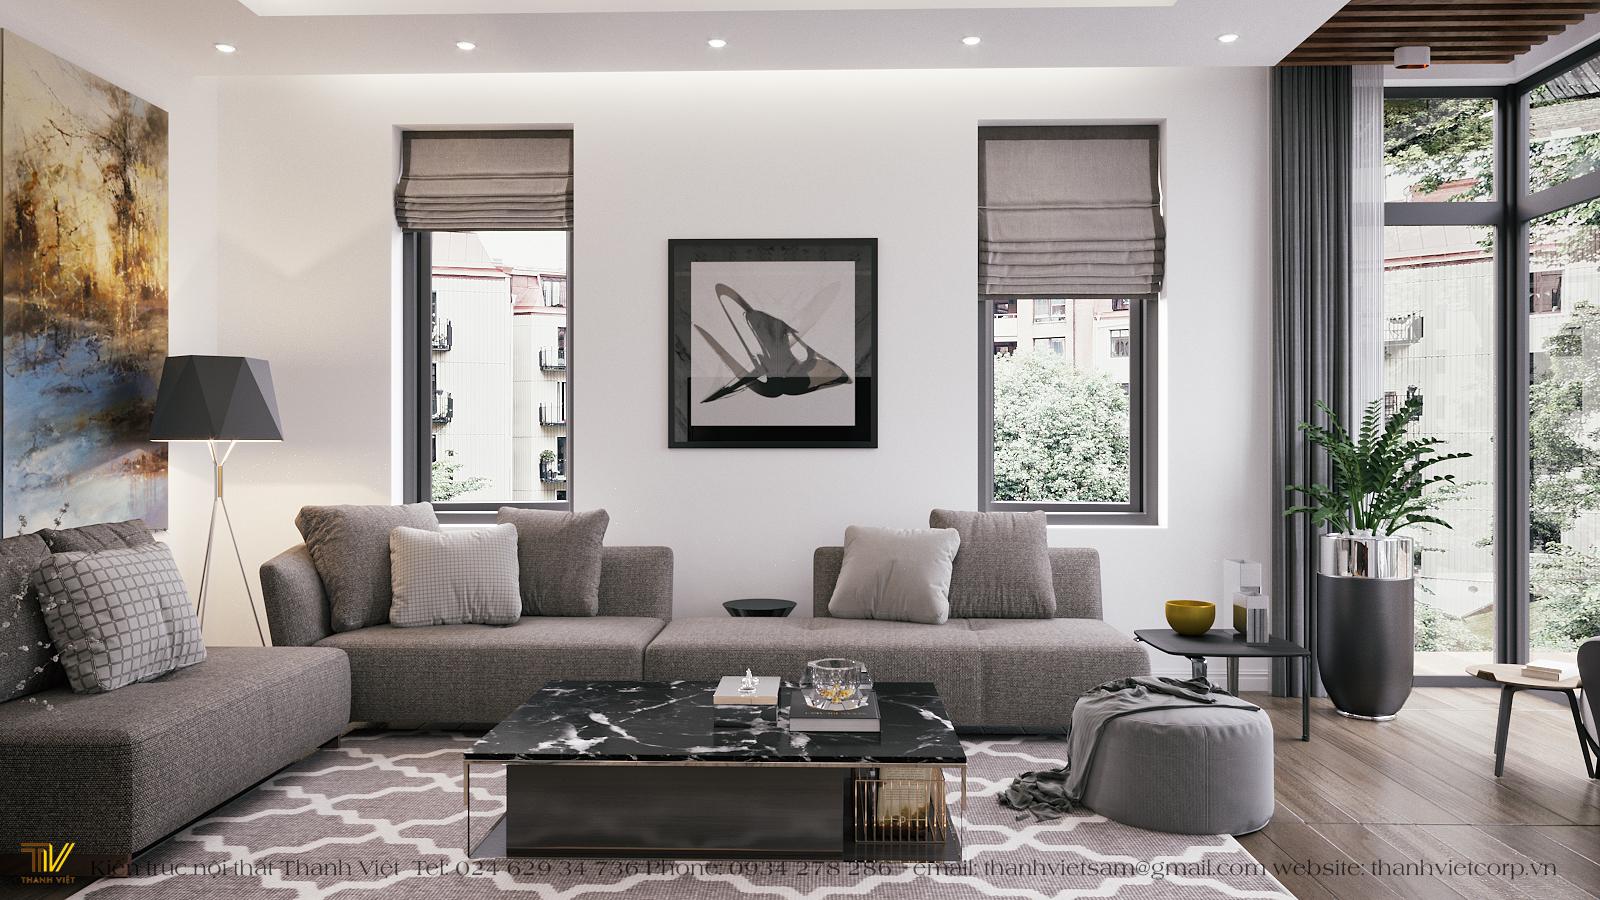 Thiết kế nội thất phong cách hiện đại nhà đất chị La - Hải Dương